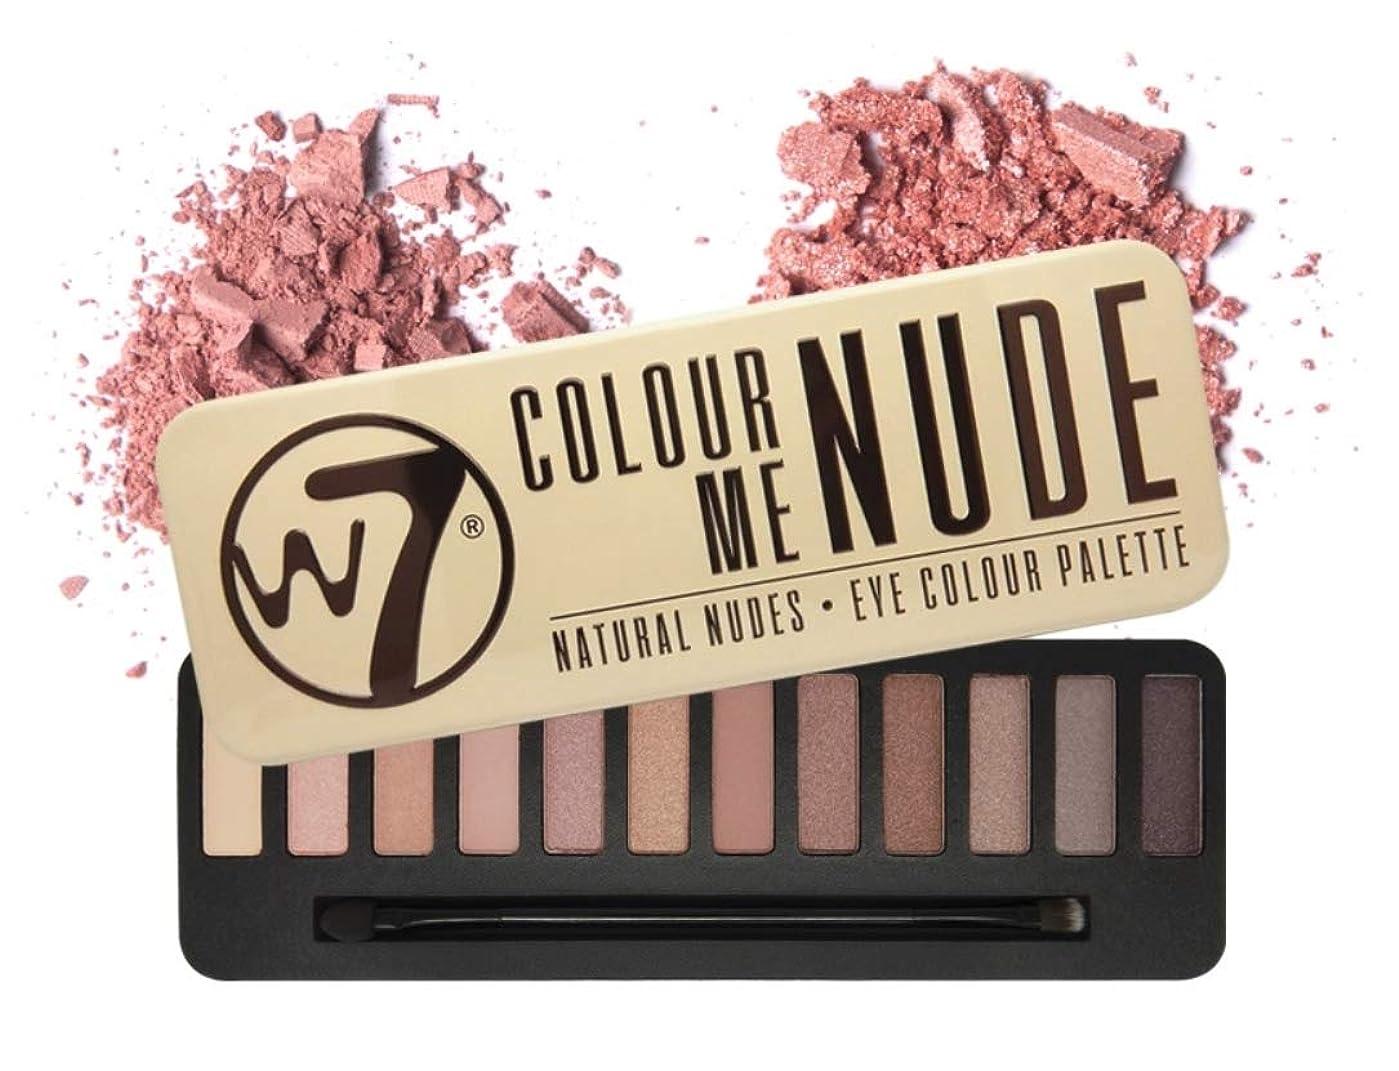 デンマーク語百年市の中心部W7 Delicious Nude Eye Colour Palette英国感性ビューティーブランド,実用的なデイリーメイクが可能なアイシャドウ、内蔵ブラシ含む(海外直送品)